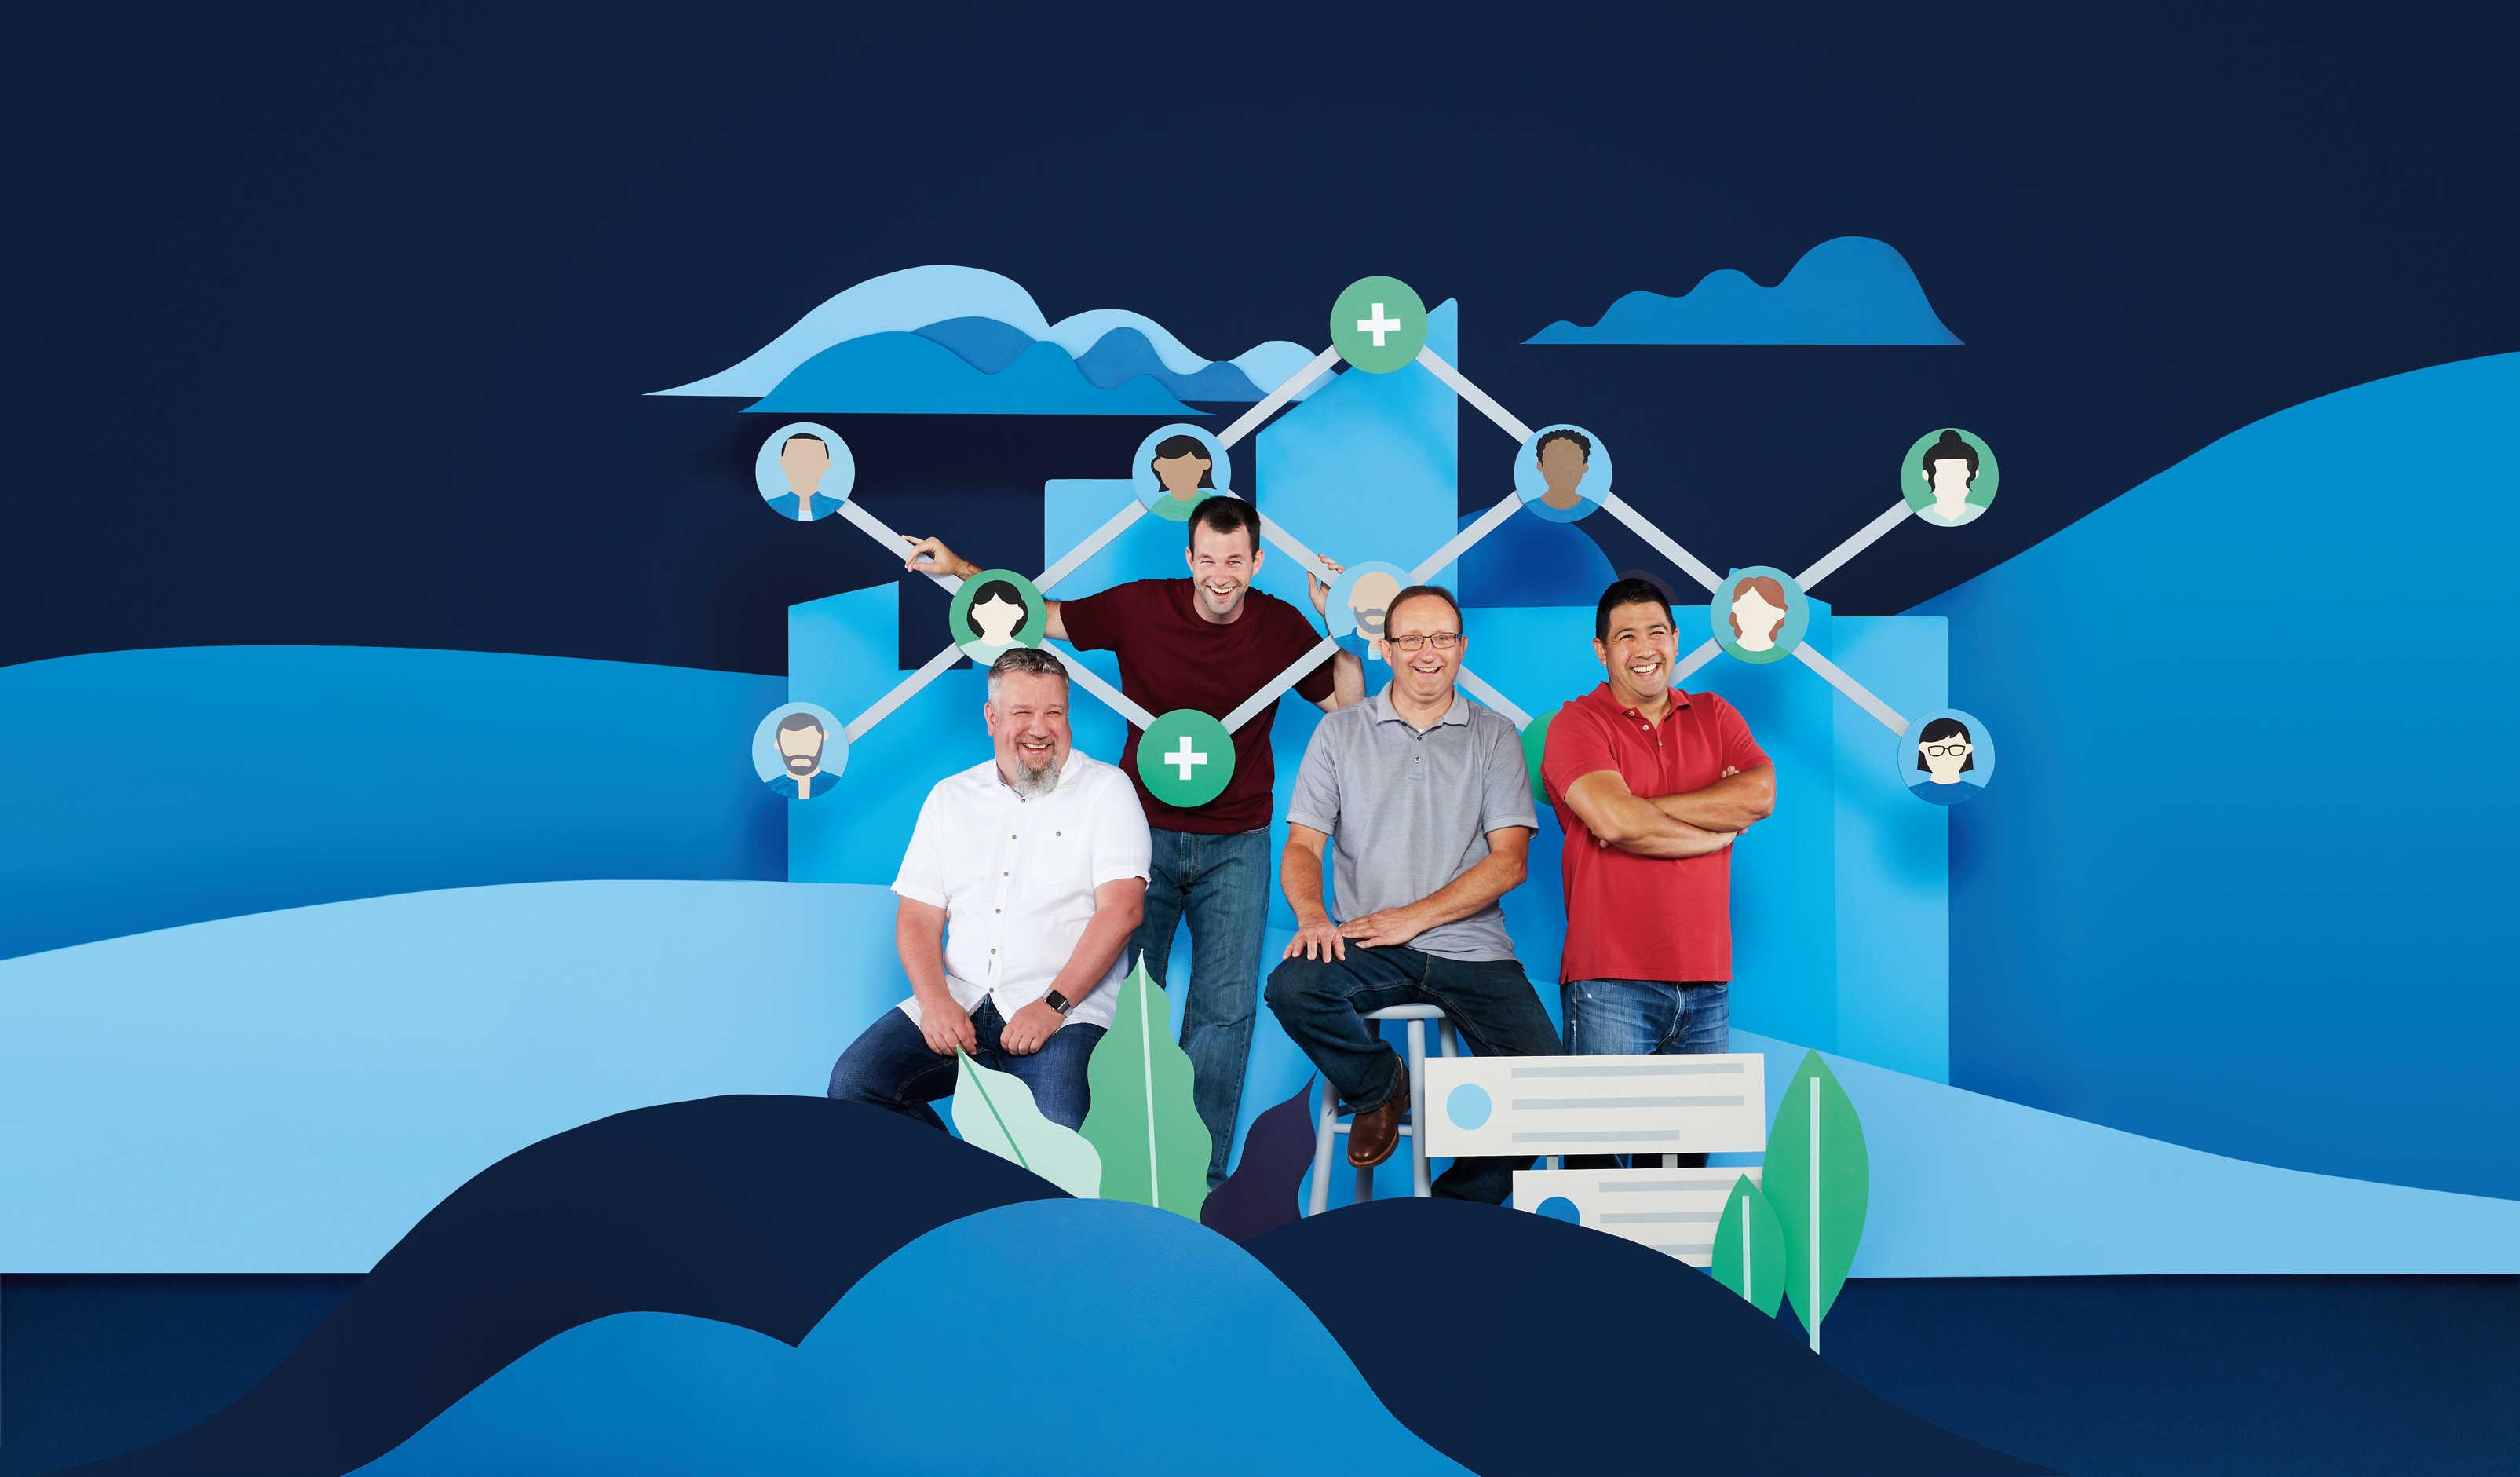 Erfahre hier, wie LinkedIn mit den Enterprise-Produkten von Atlassian 500Millionen Nutzer erreichen konnte